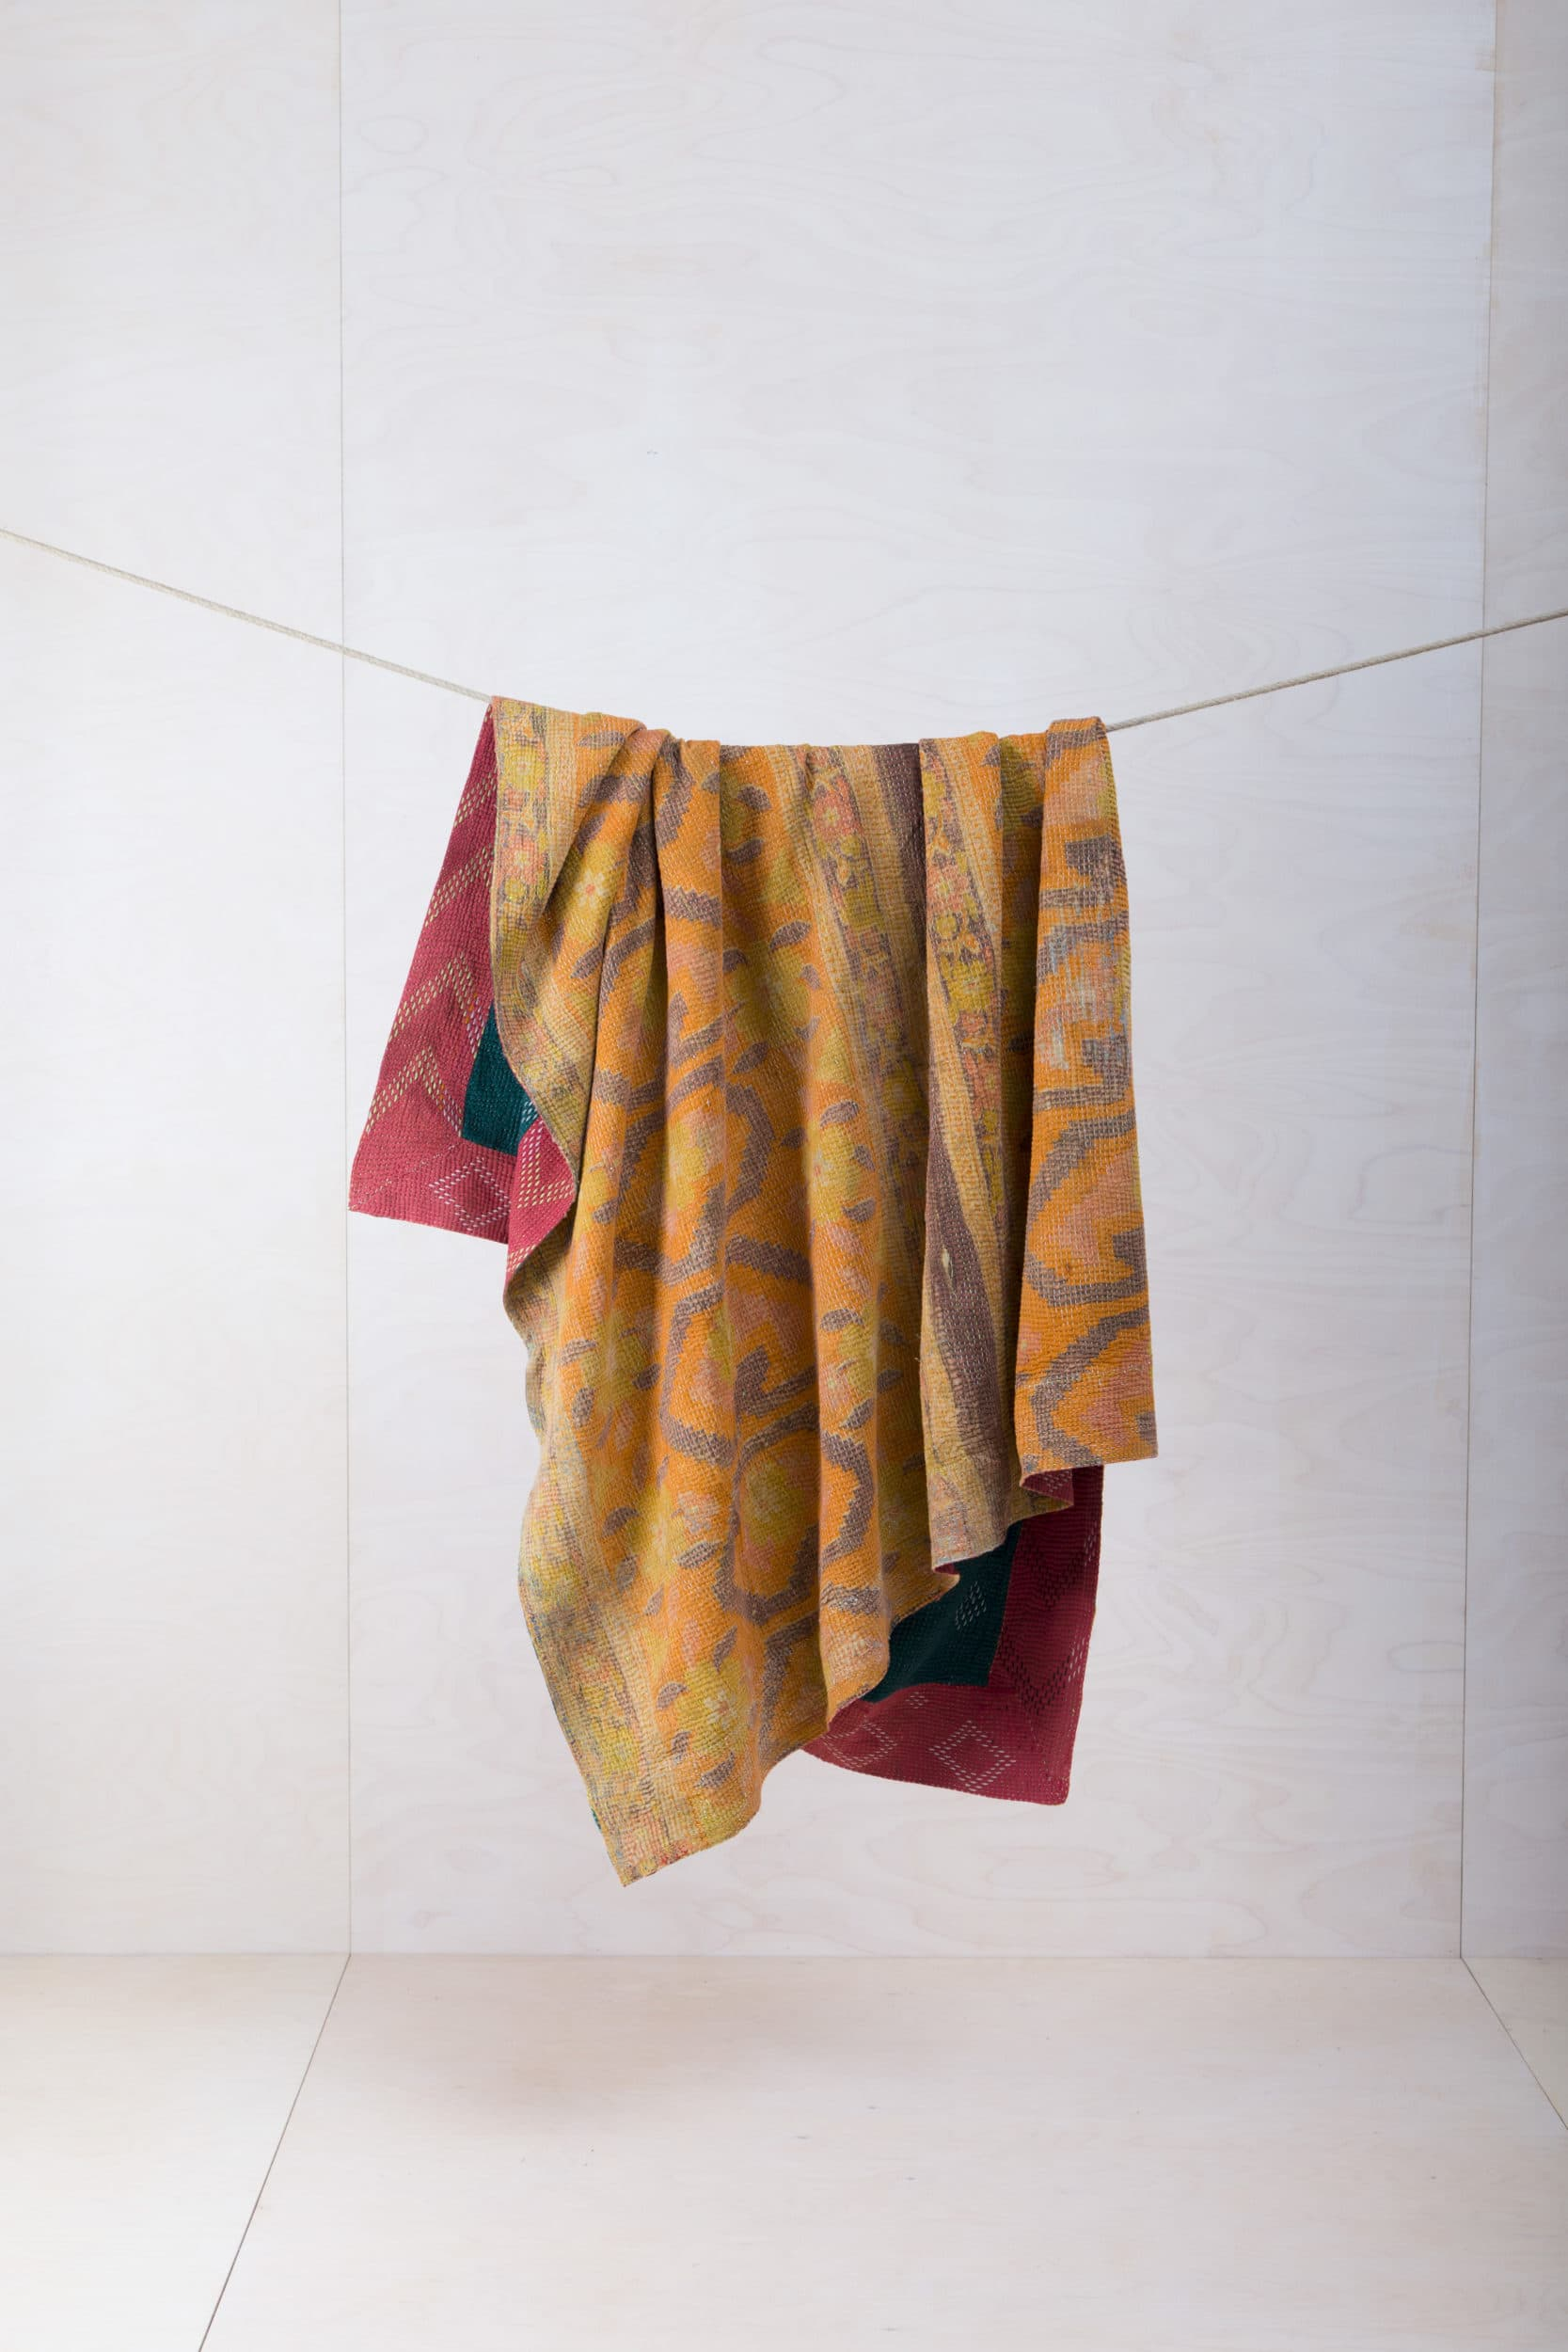 Vermietung von Decken und Kissen für In- und Outdoor